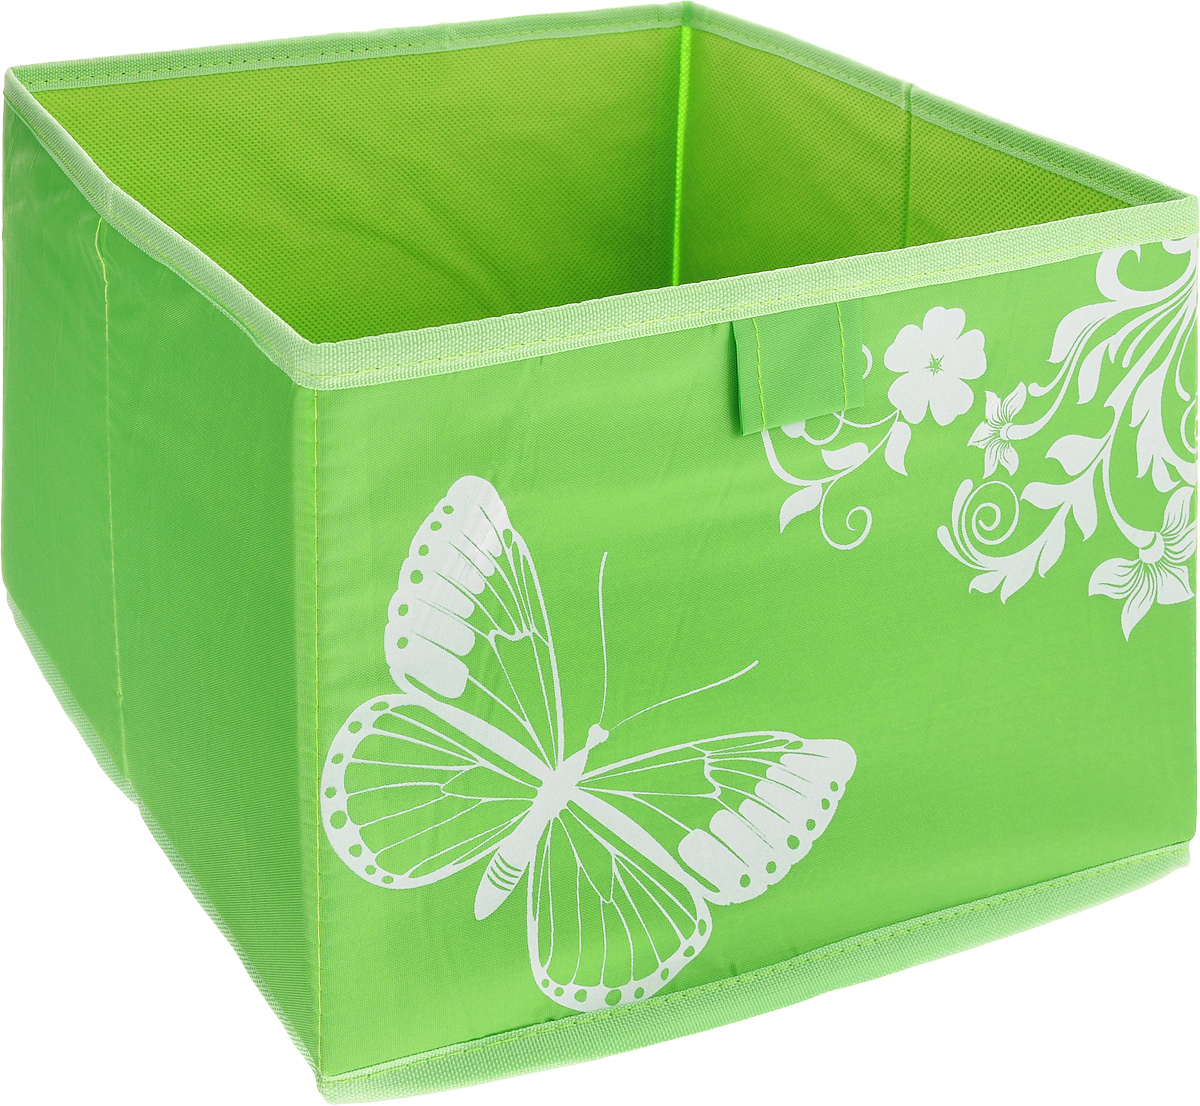 Коробка для хранения Hausmann Butterfly, цвет: салатовый, 28 x 27 x 20 см4P-106-M4С_салатовыйКоробка для хранения Hausmann Butterfly поможет легко организовать пространство в шкафу или в гардеробе. Изделие выполнено из нетканого материала и полиэстера. Коробка держит форму с помощью жесткой вставки из картона, которая устанавливается на дно. Боковая поверхность оформлена ярким принтом с изображением бабочек. В такой коробке удобно хранить одежду, нижнее белье, носки и различные аксессуары.